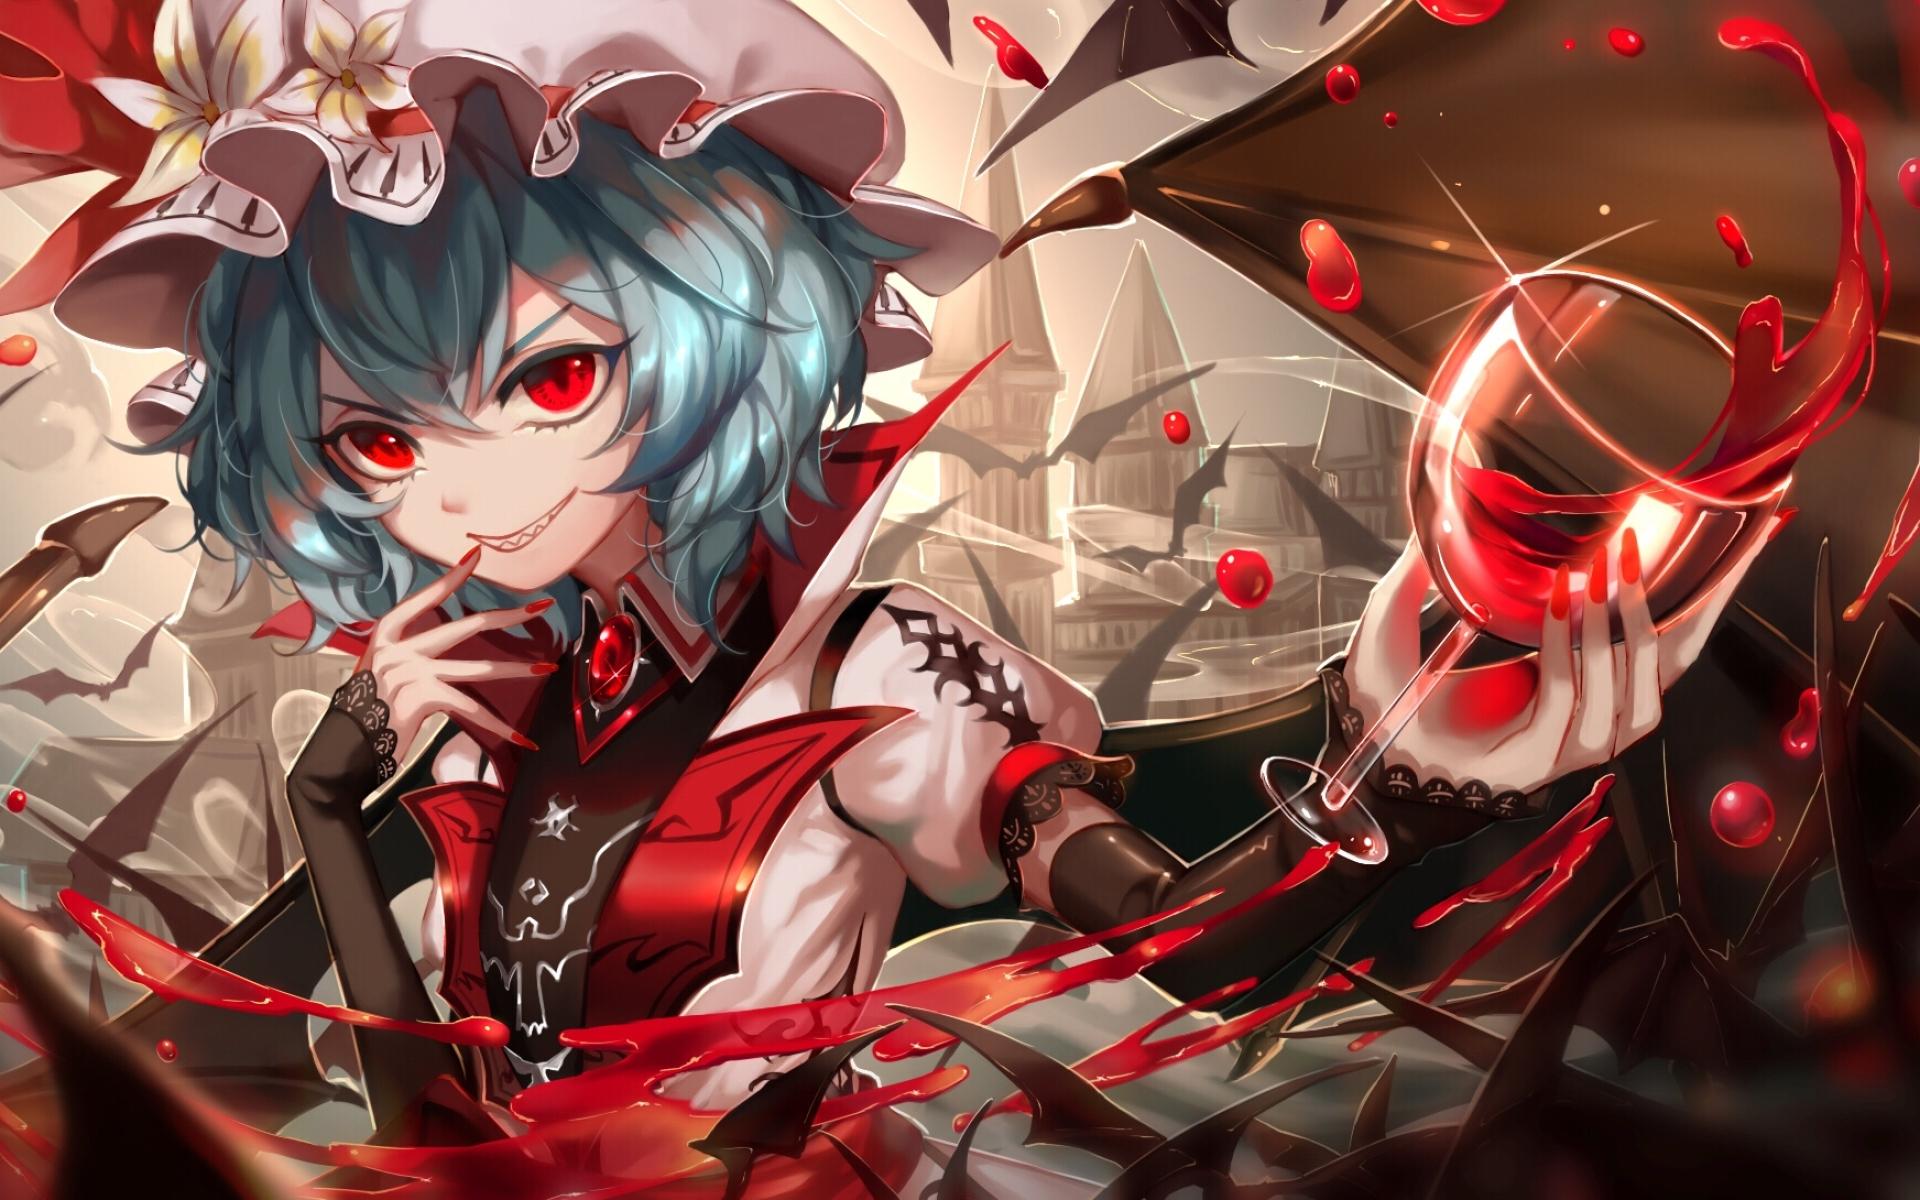 Hình nền anime ác quỷ đẹp nhất